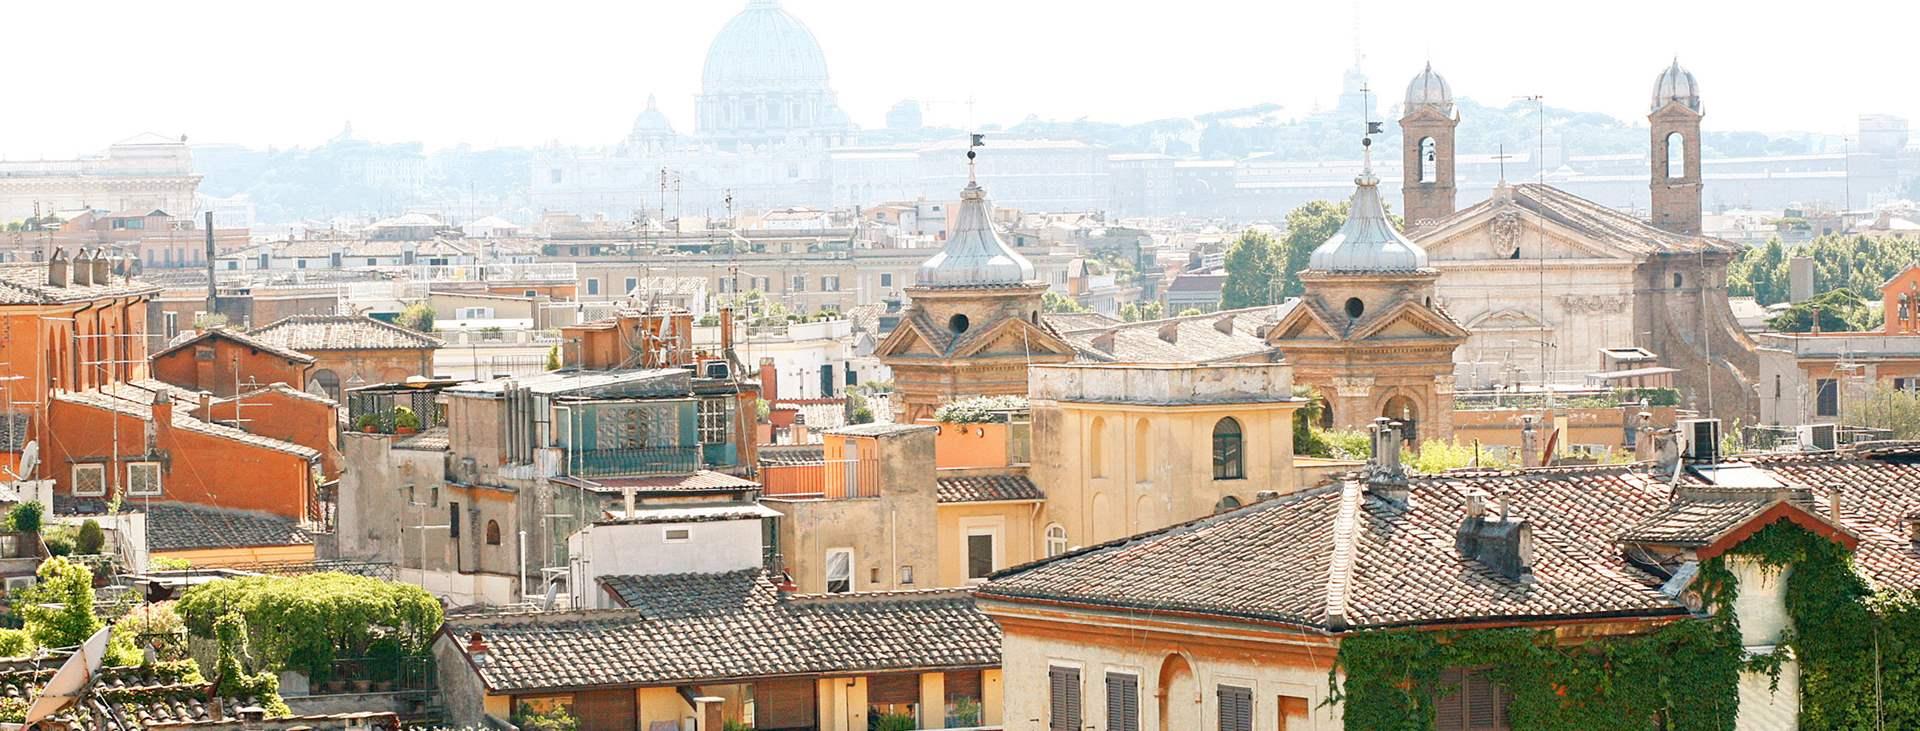 Varaa viikonloppu Italiassa - lento + hotelli